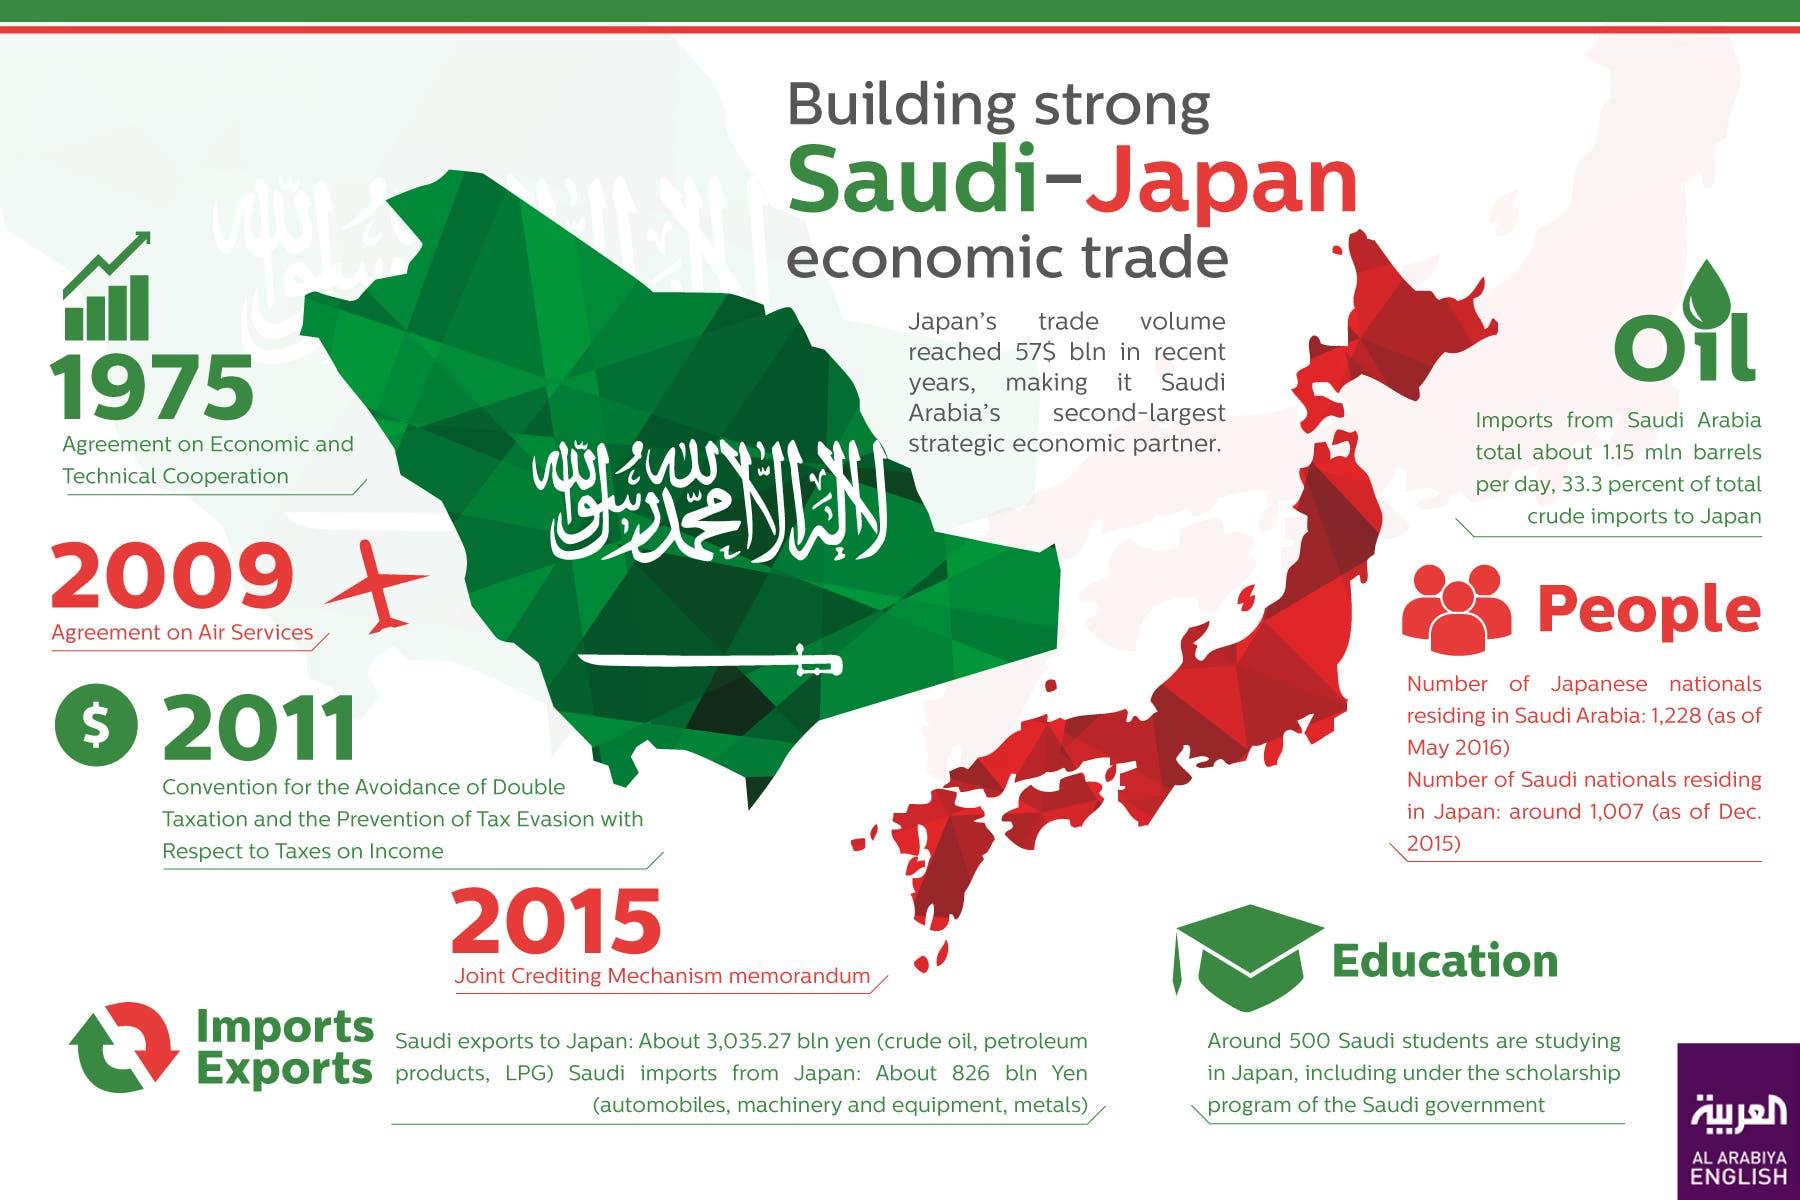 Building strong Saudi-Japan economic trade